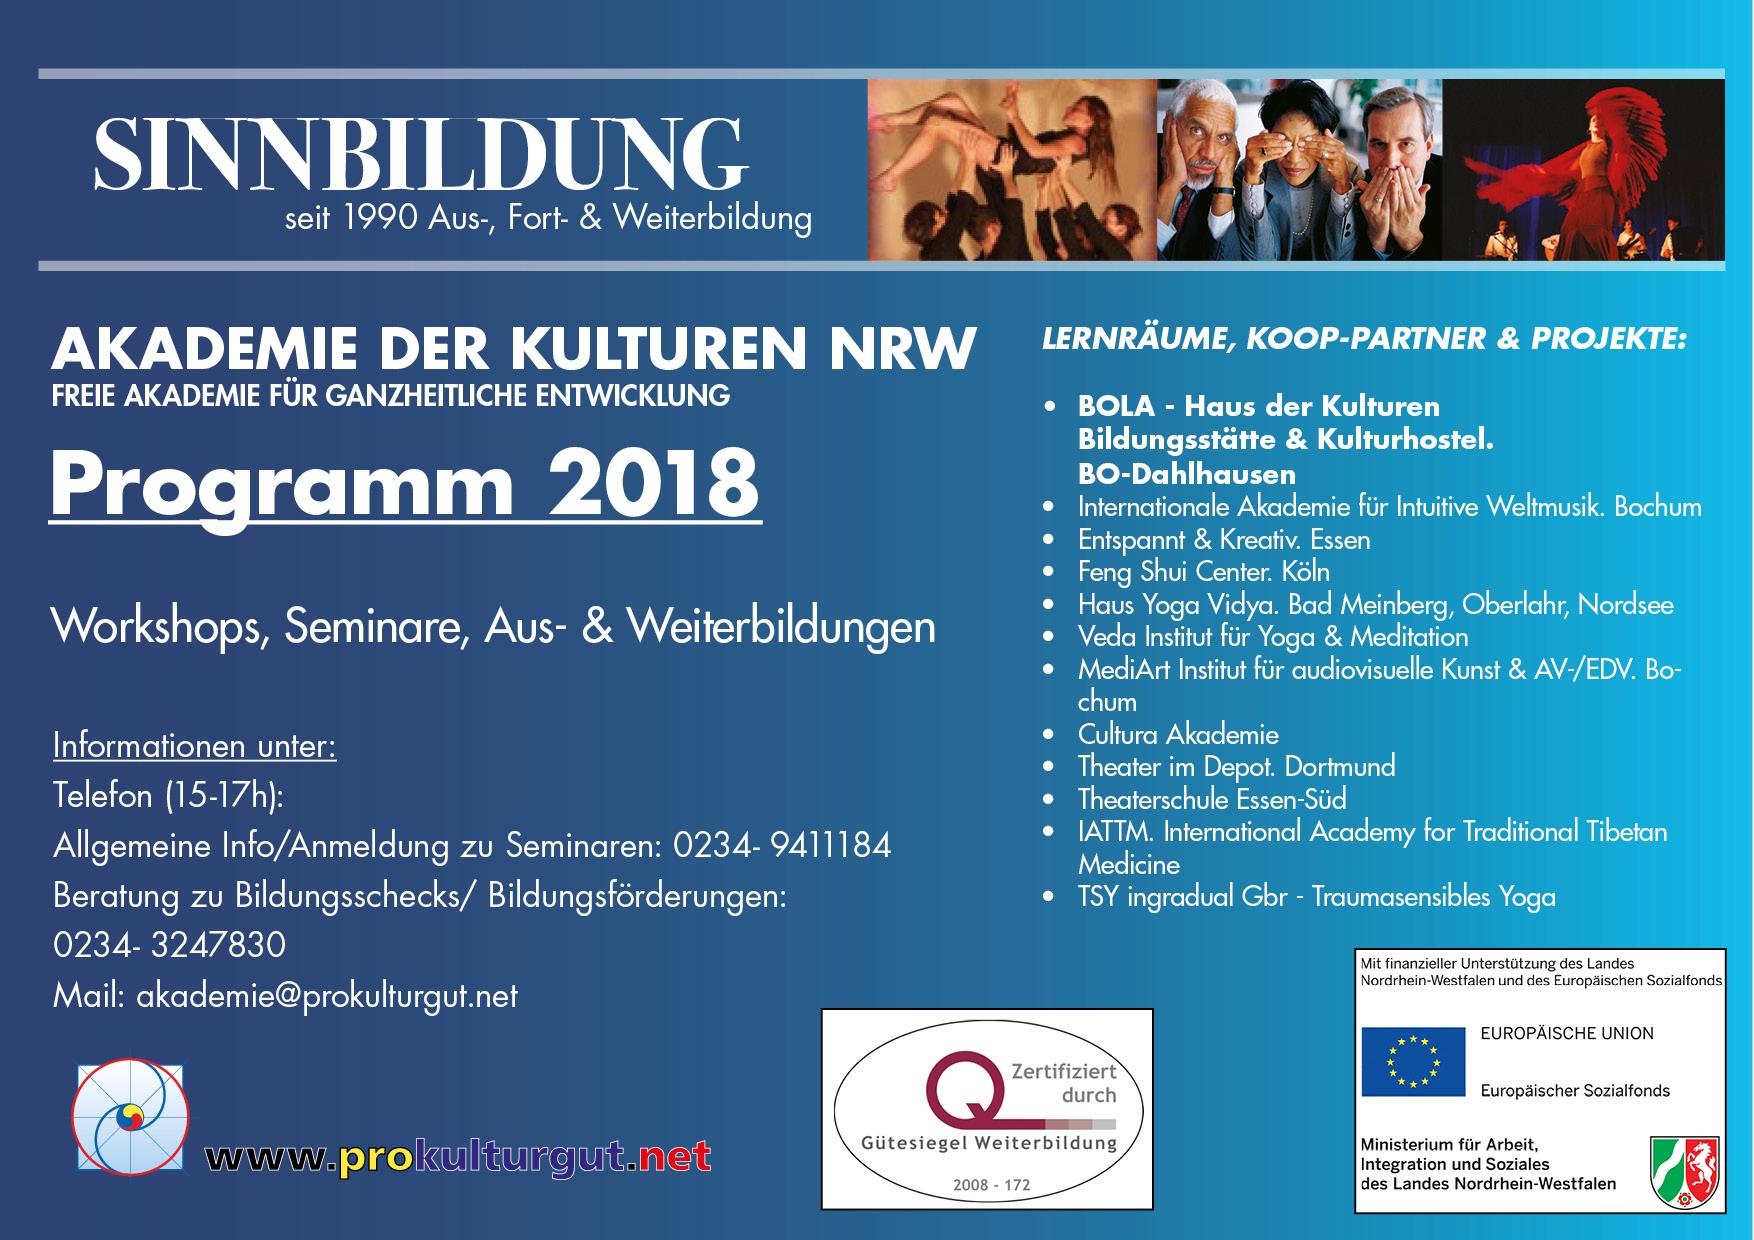 Jahresprogramm 2018 der Akademie der Kulturen NRW